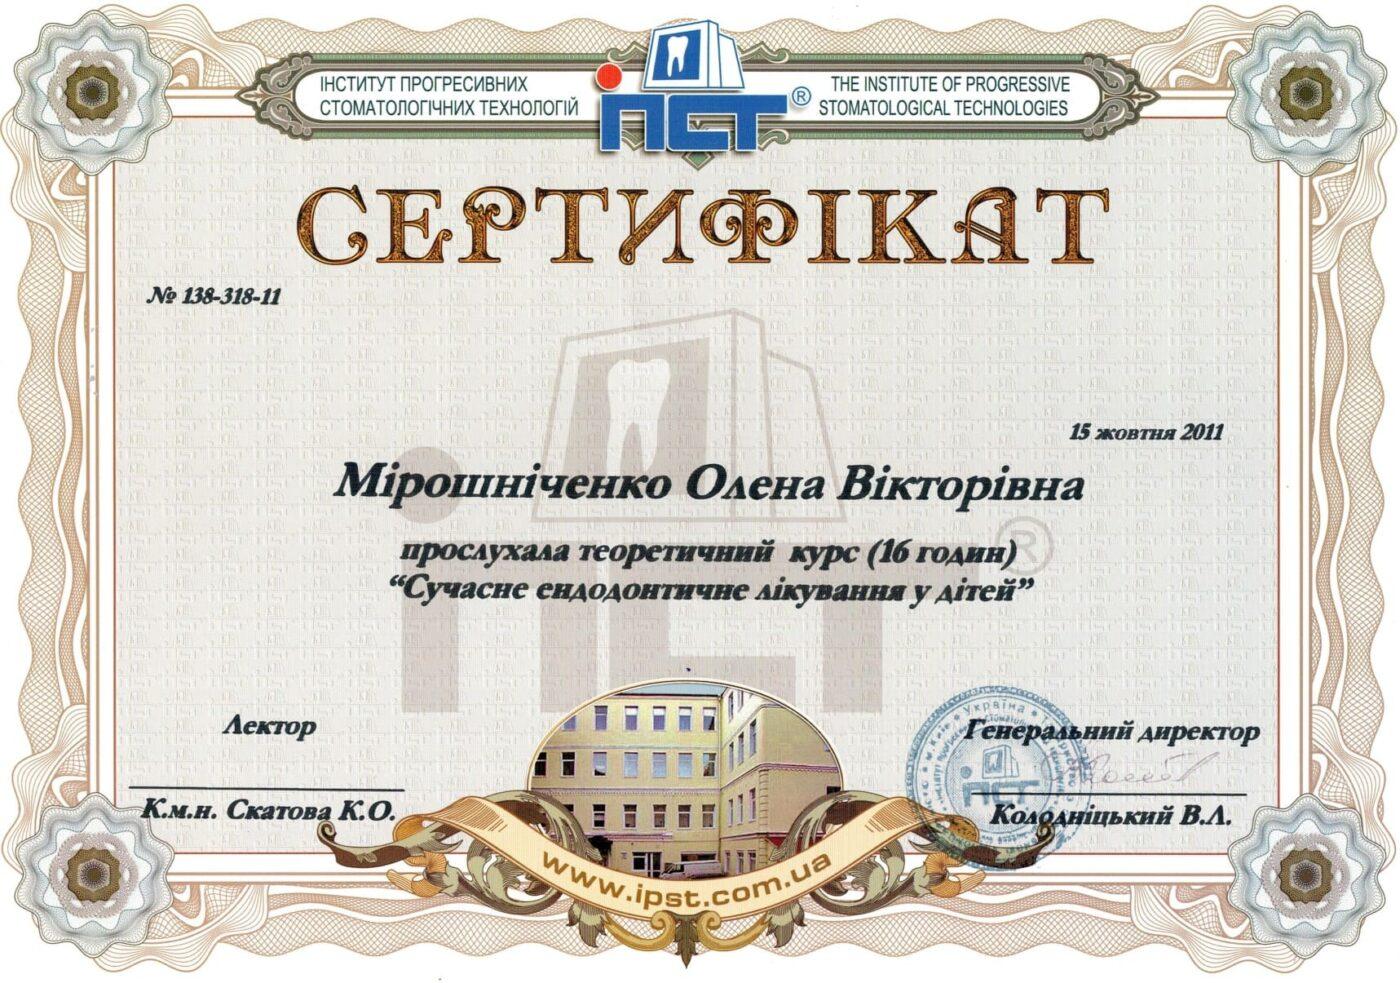 Сертифікат дитячого лікаря стоматолога Мірошниченко Олени Вікторівни об участі у курсі (Сучасне ендодонтичне лікування у дітей)